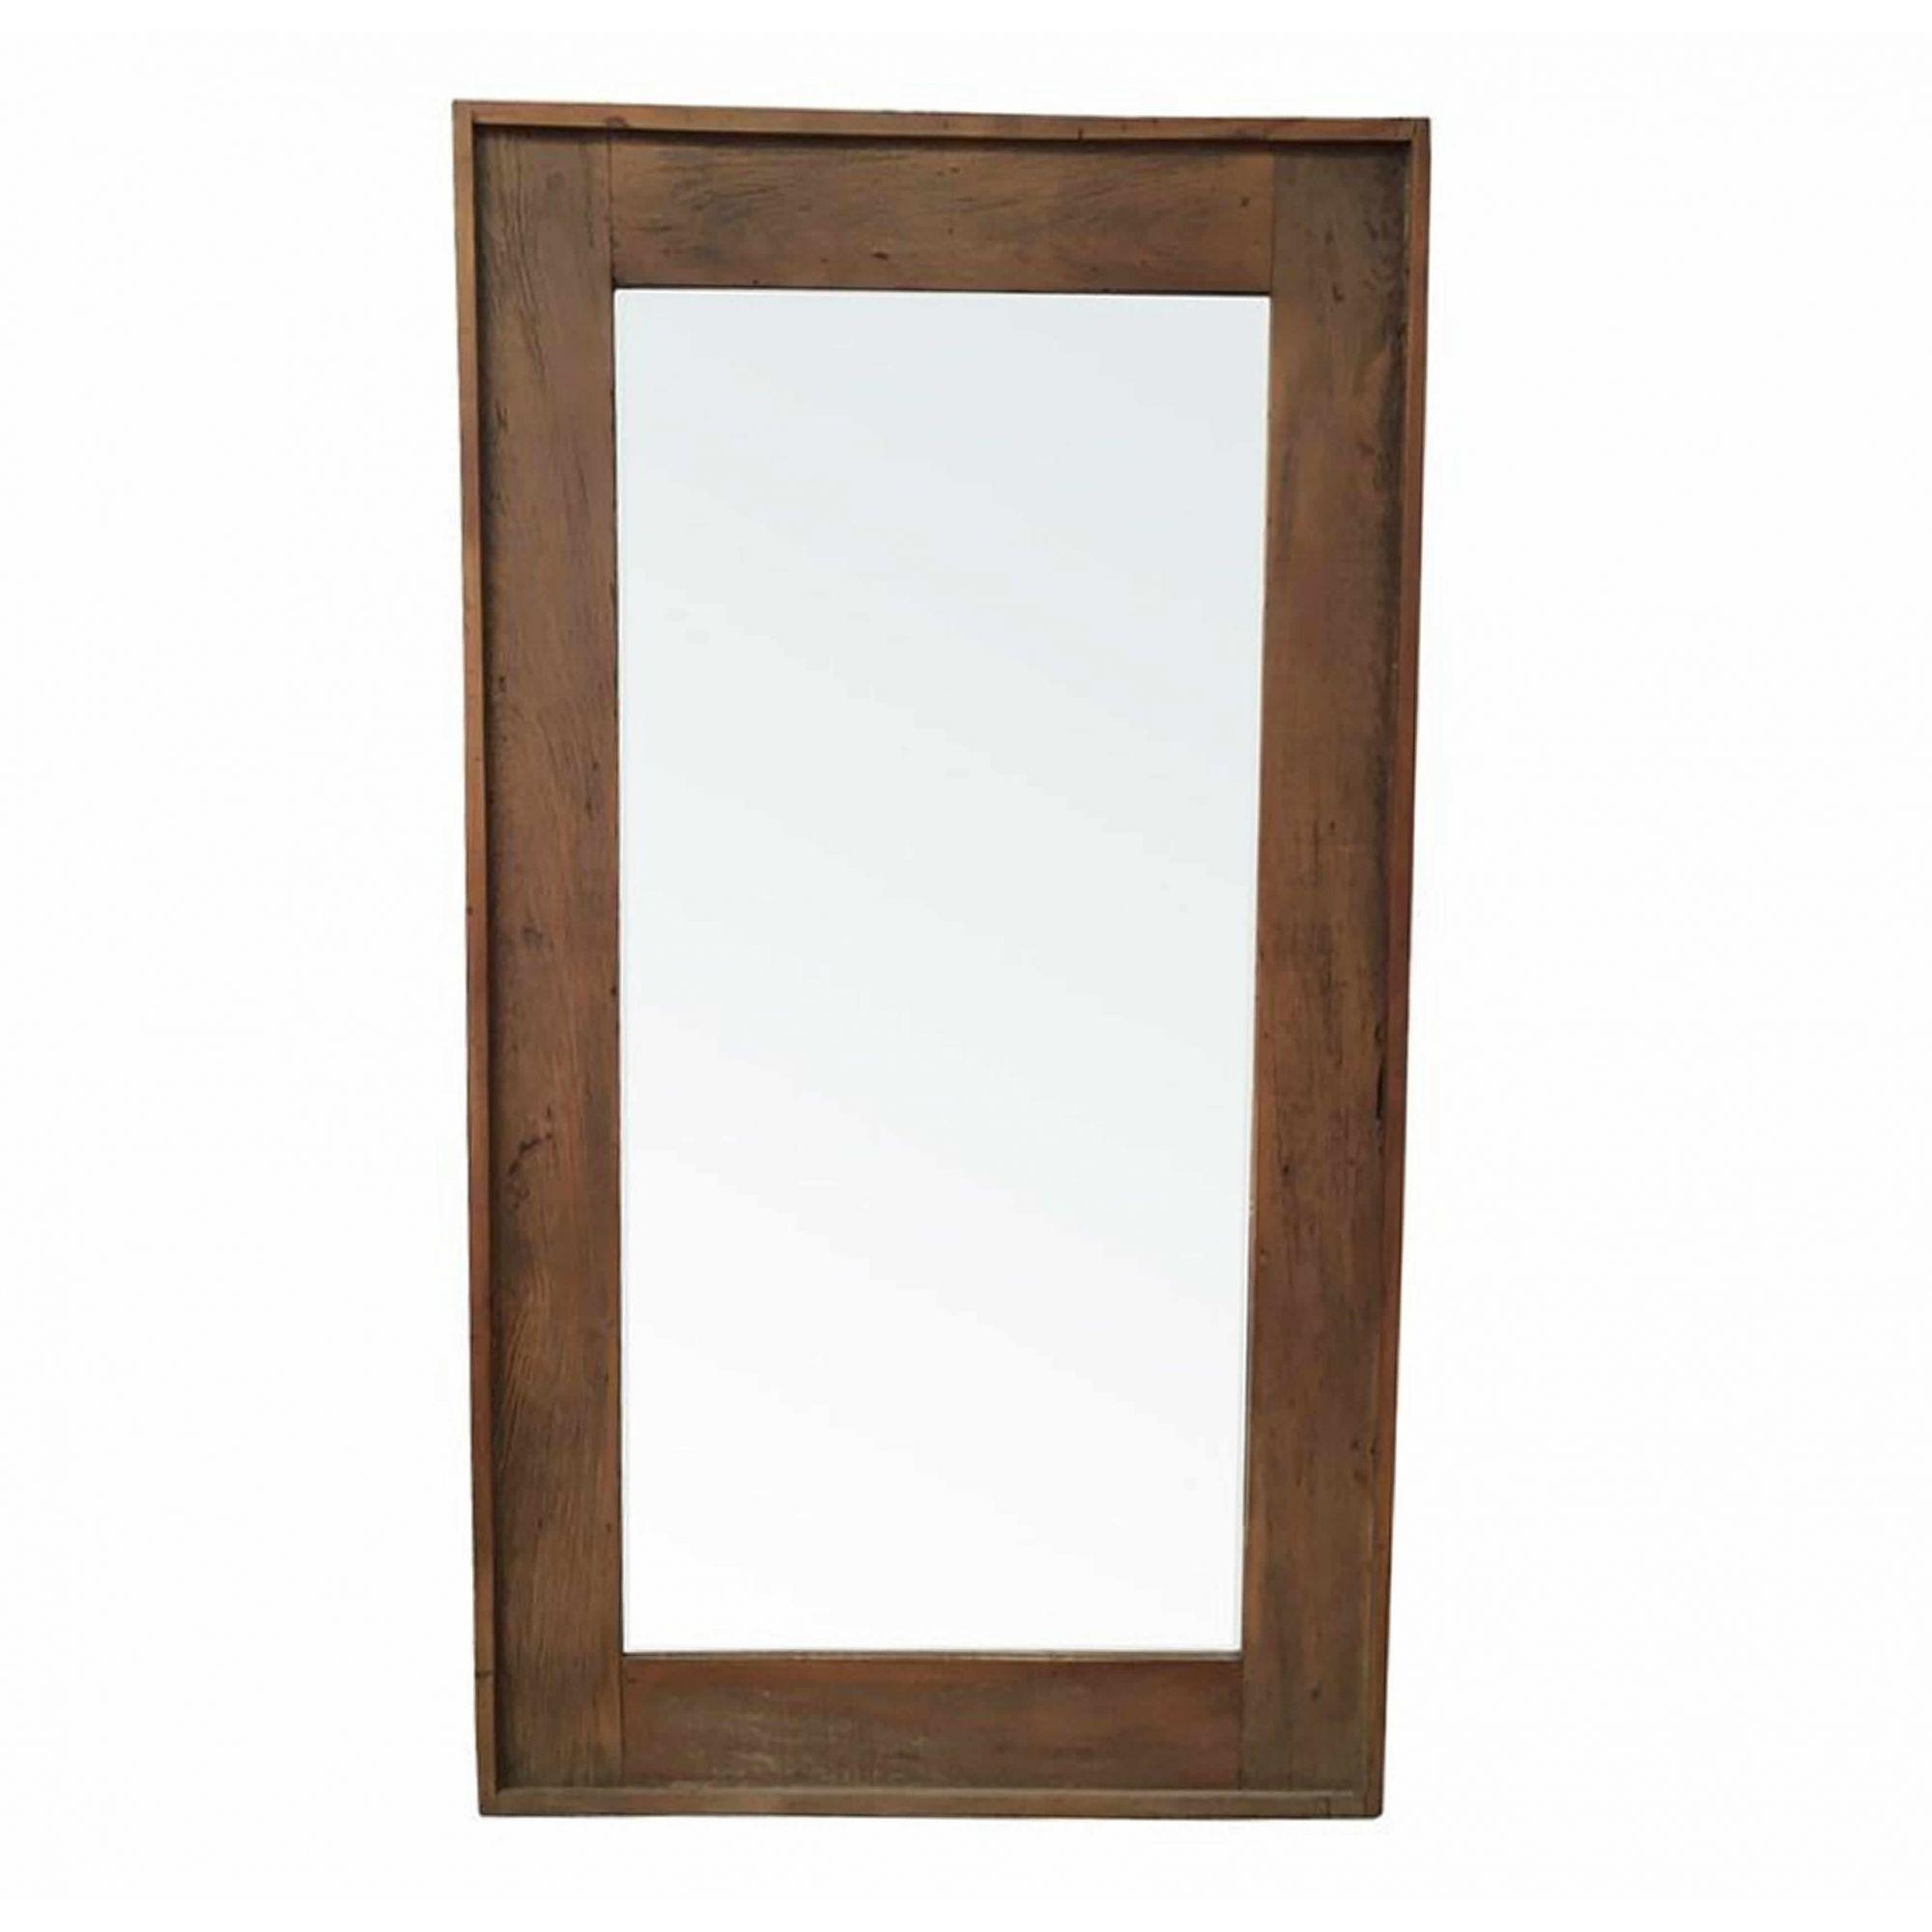 Moldura Para Espelho Rústica Em Madeira De Demolição 1,20x80 Sem Espelho